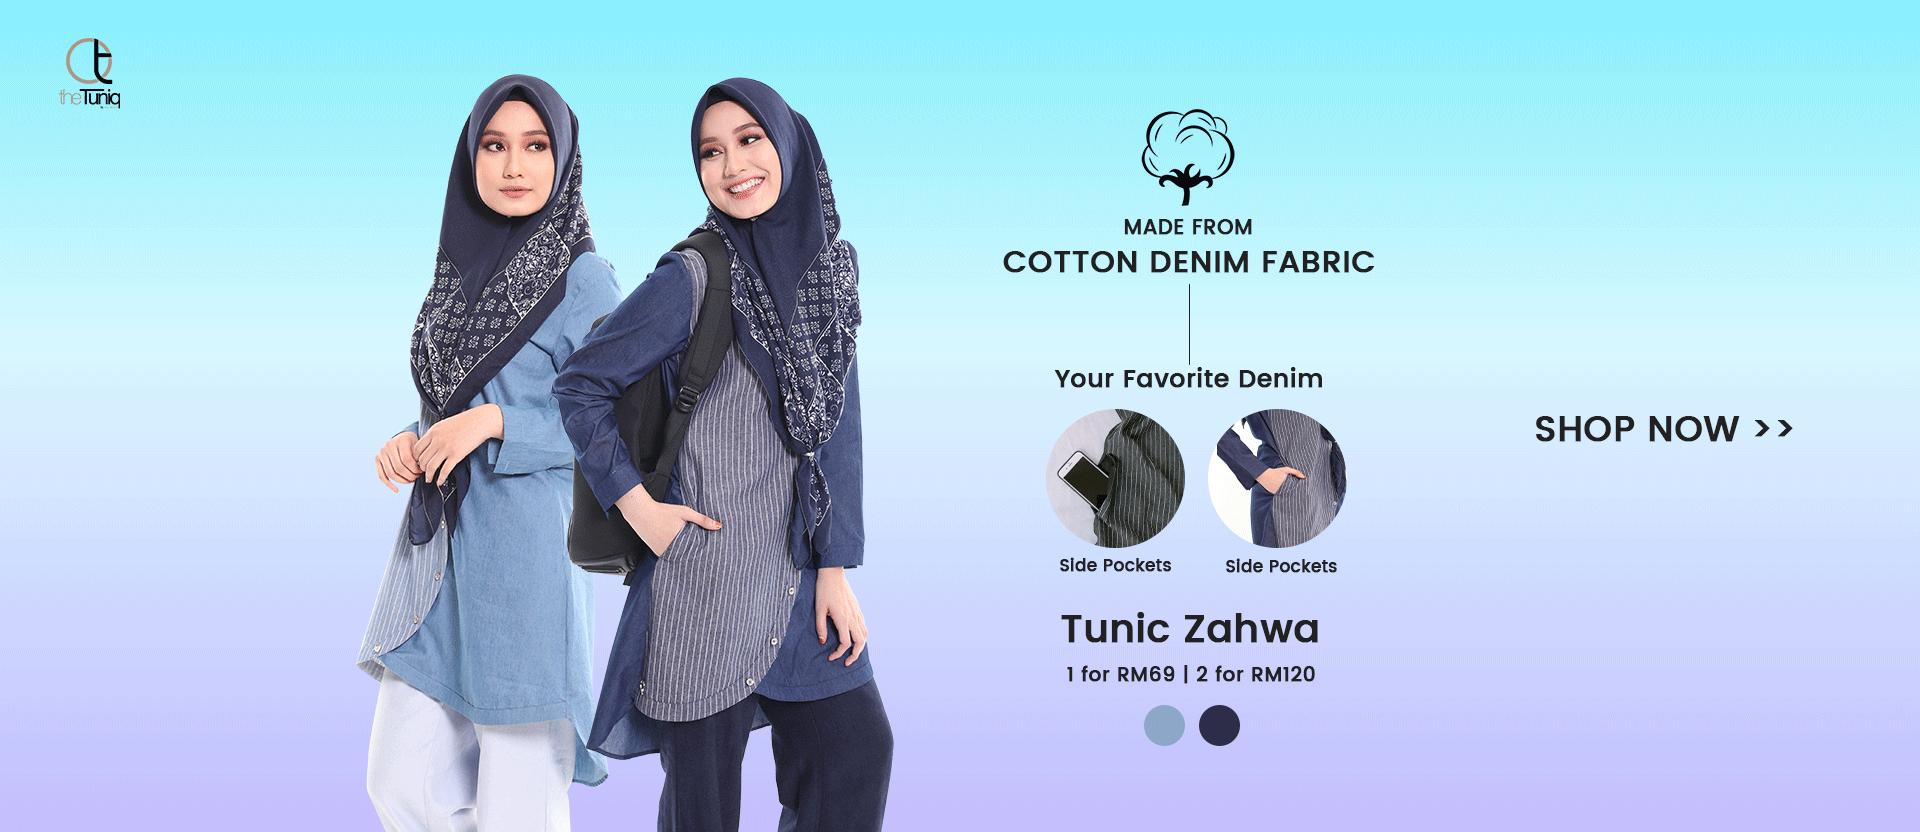 Tunic Zahwa